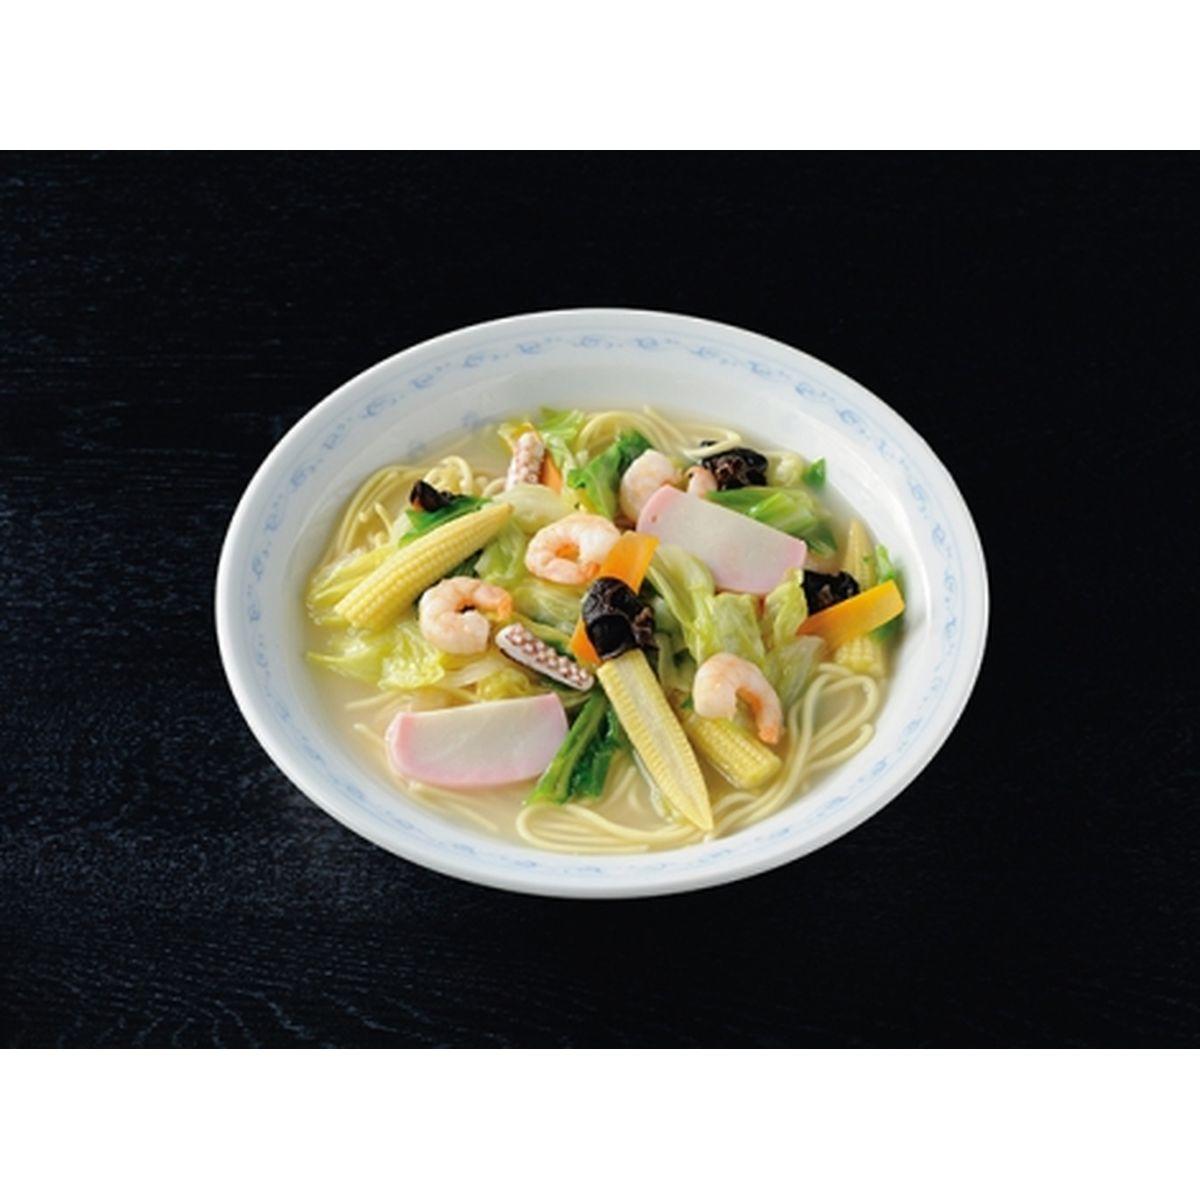 彩食工房 定温熟成長崎ちゃんぽん 20個セット スープ付き